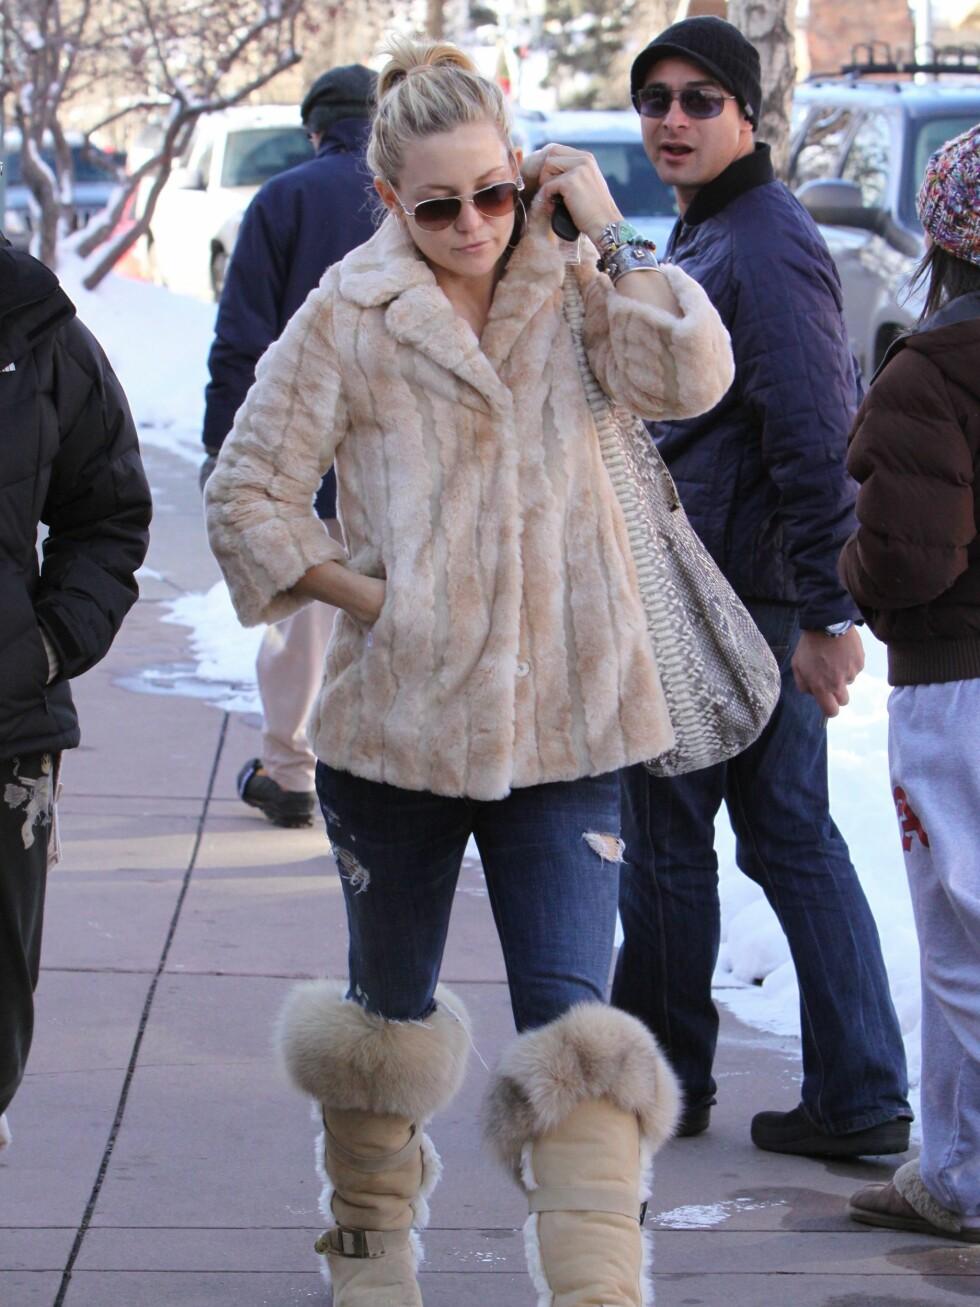 Kate Hudson har kledd seg mot Aspen-kulda i en pelsjakke med lett A-snitt. På beina har hun tykke skinnstøvler med remmer. Men hullete jeans? Det hadde ikke passert hønemor-kontrollen.  Foto: All Over Press